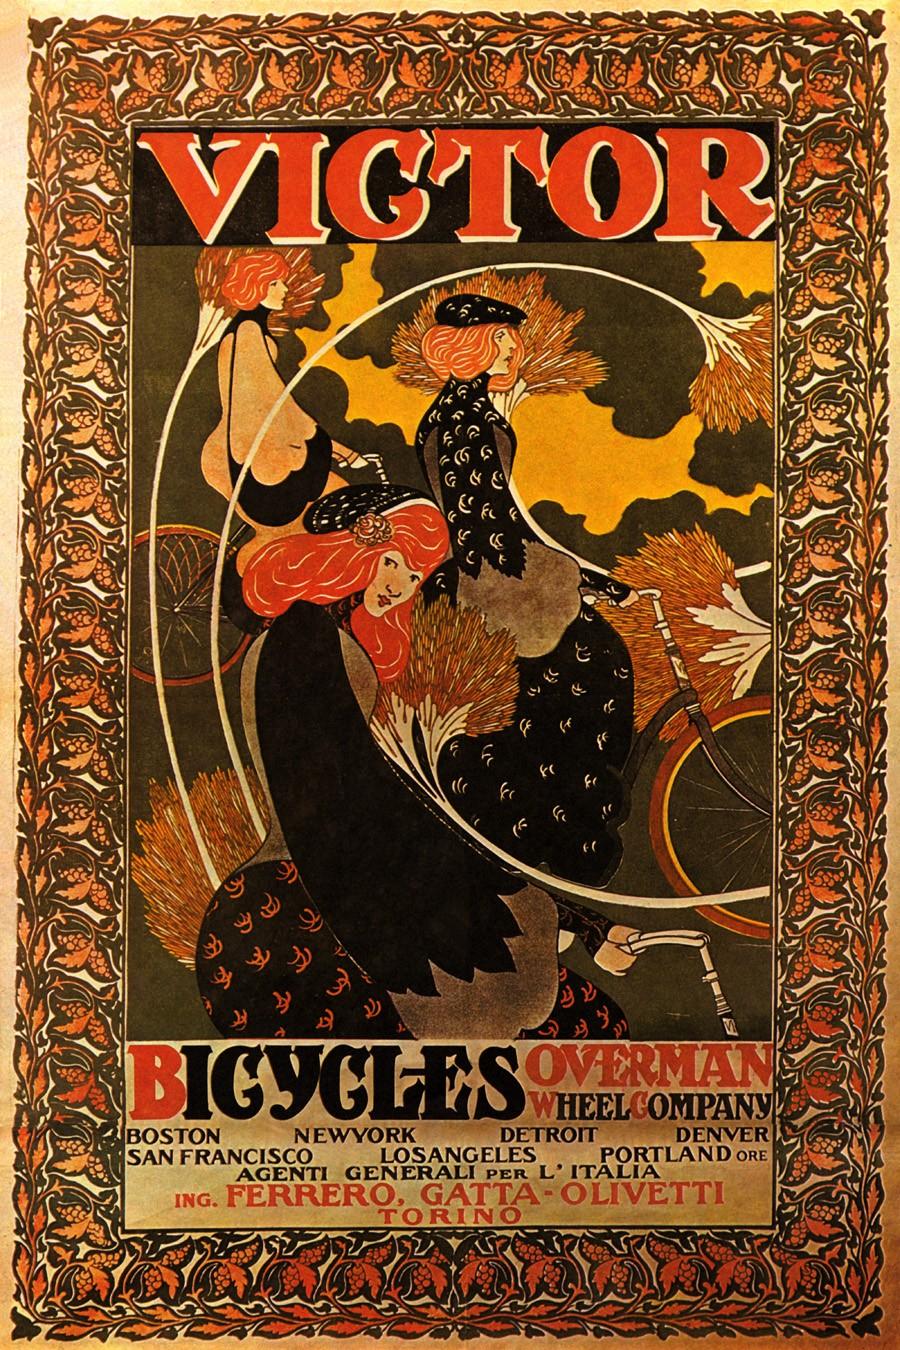 Foto 1 - Victor Overman Garota BicicletaVintage Cartaz Poster em Papel Matte